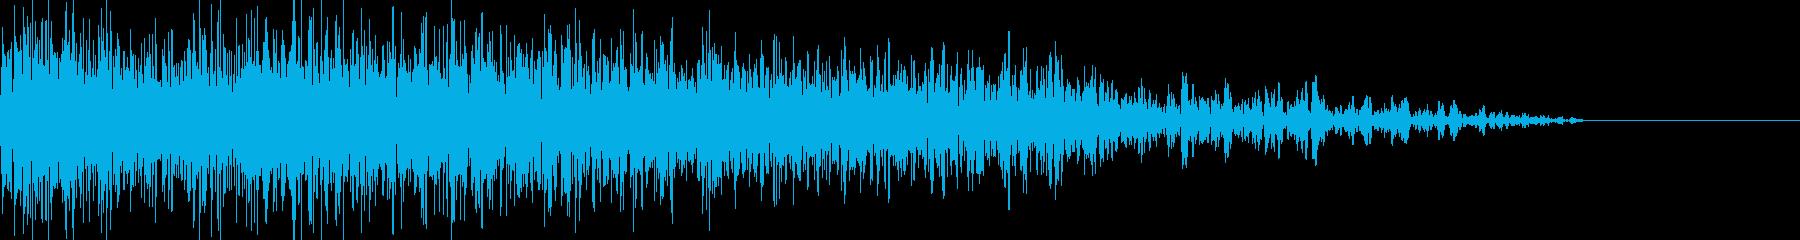 ロボット足音 タイプ13の再生済みの波形